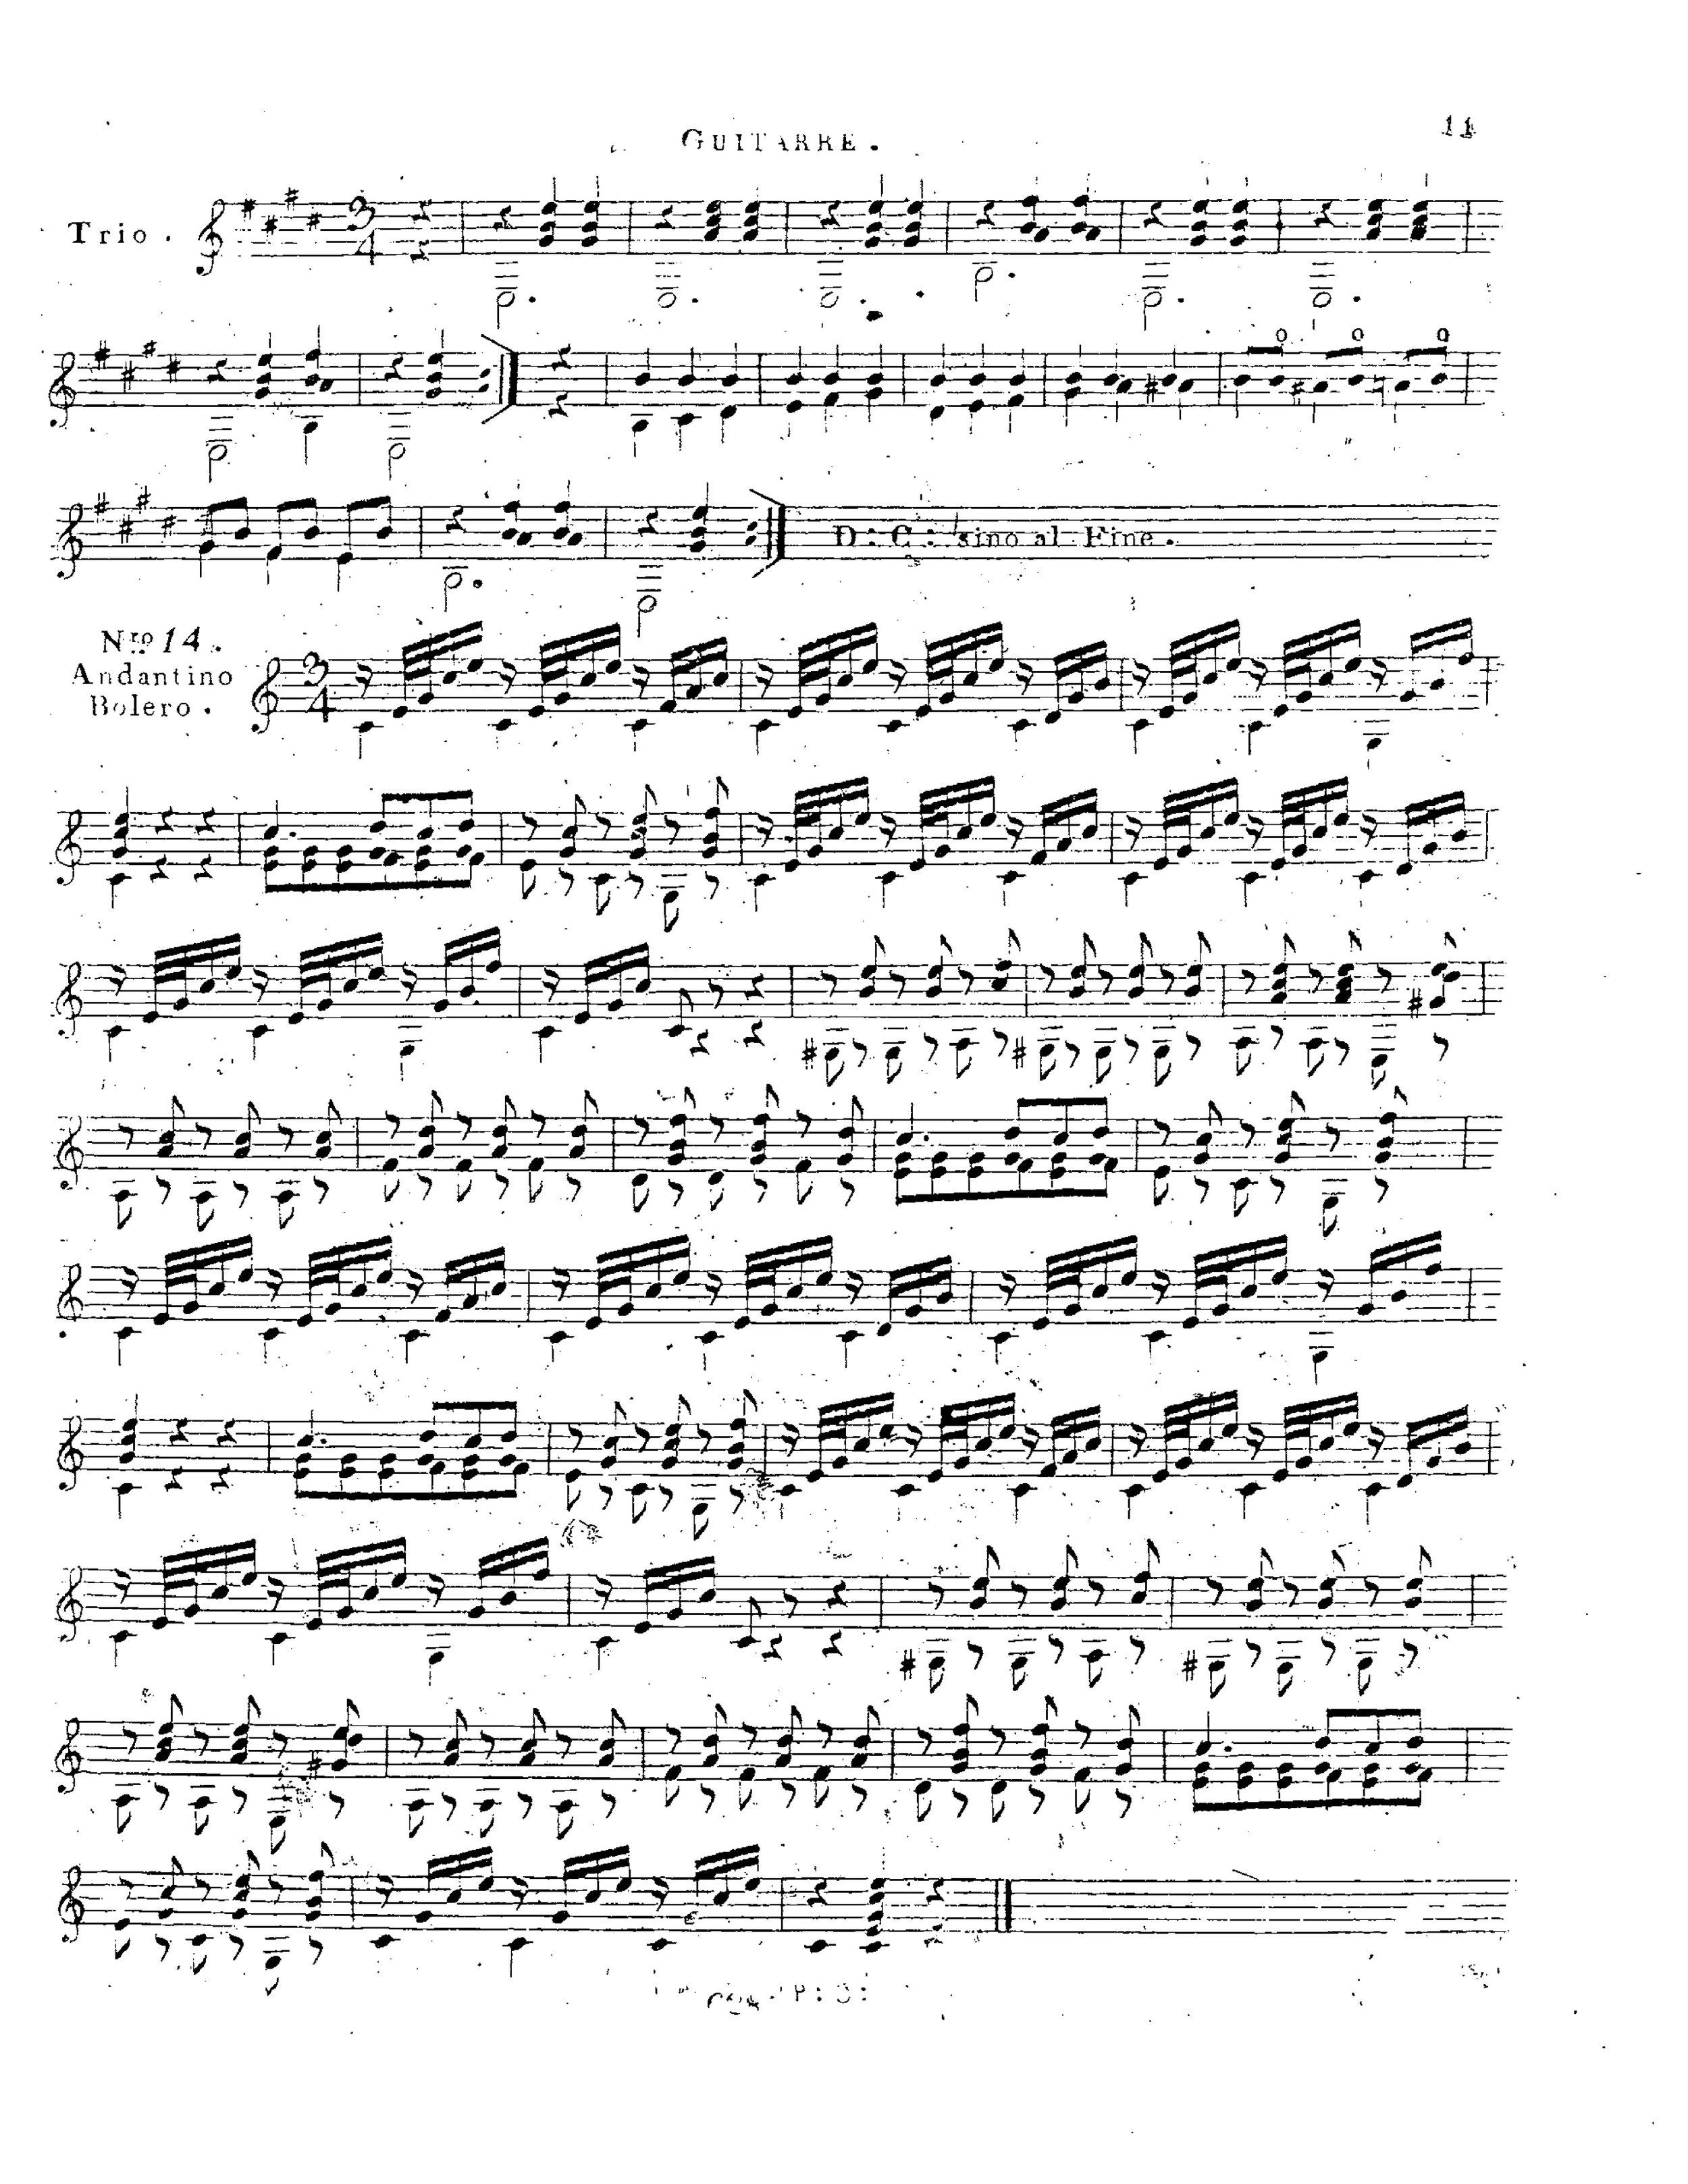 16 Pièces faciles et agréables, Op.74 (Giuliani, Mauro) 10.jpg